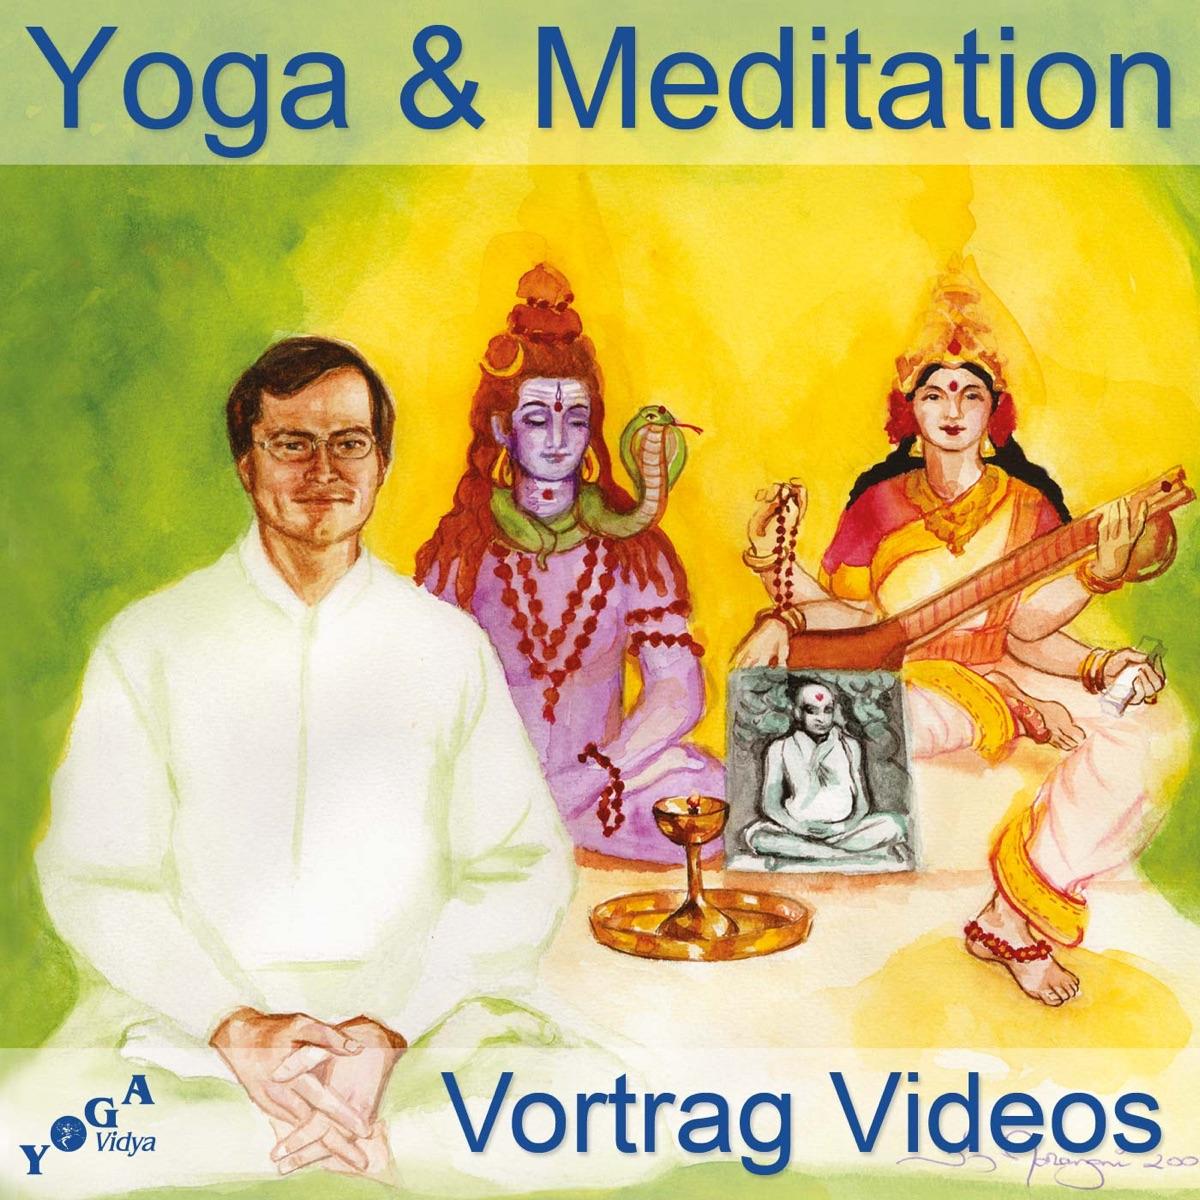 Yoga Und Meditation Spirituelle Video Vortrage Podcast Podtail